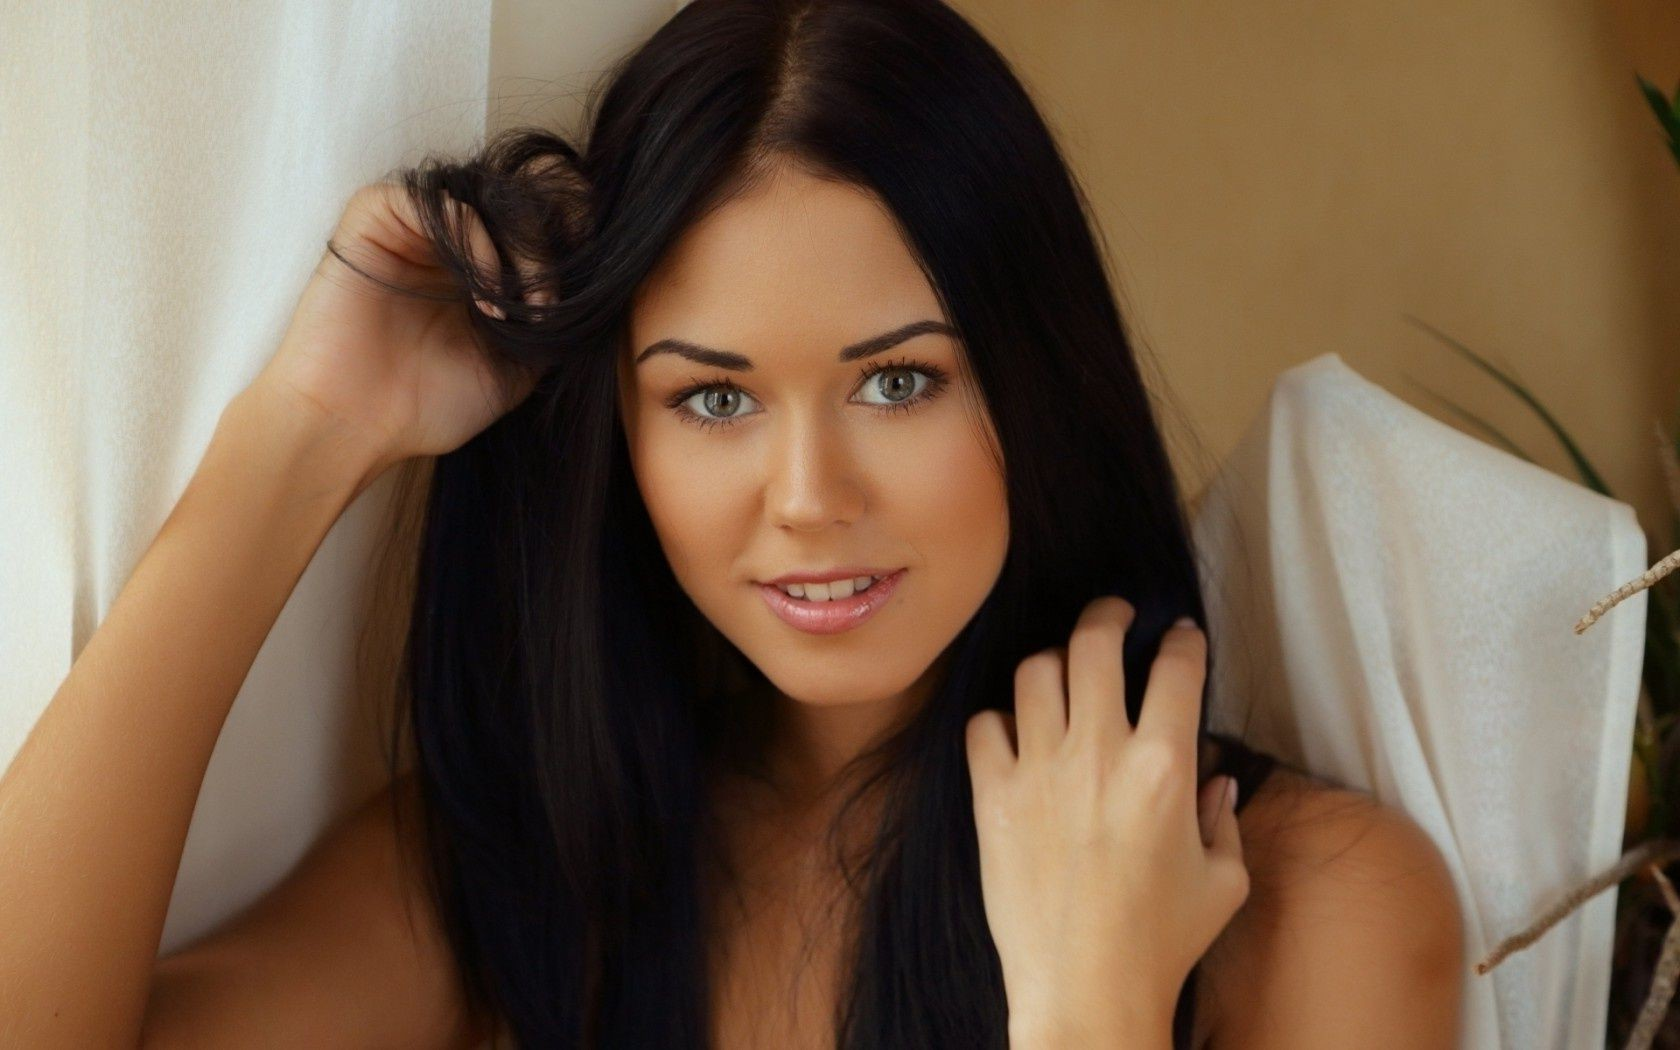 Красивые девушки фото на одно лицо на ав